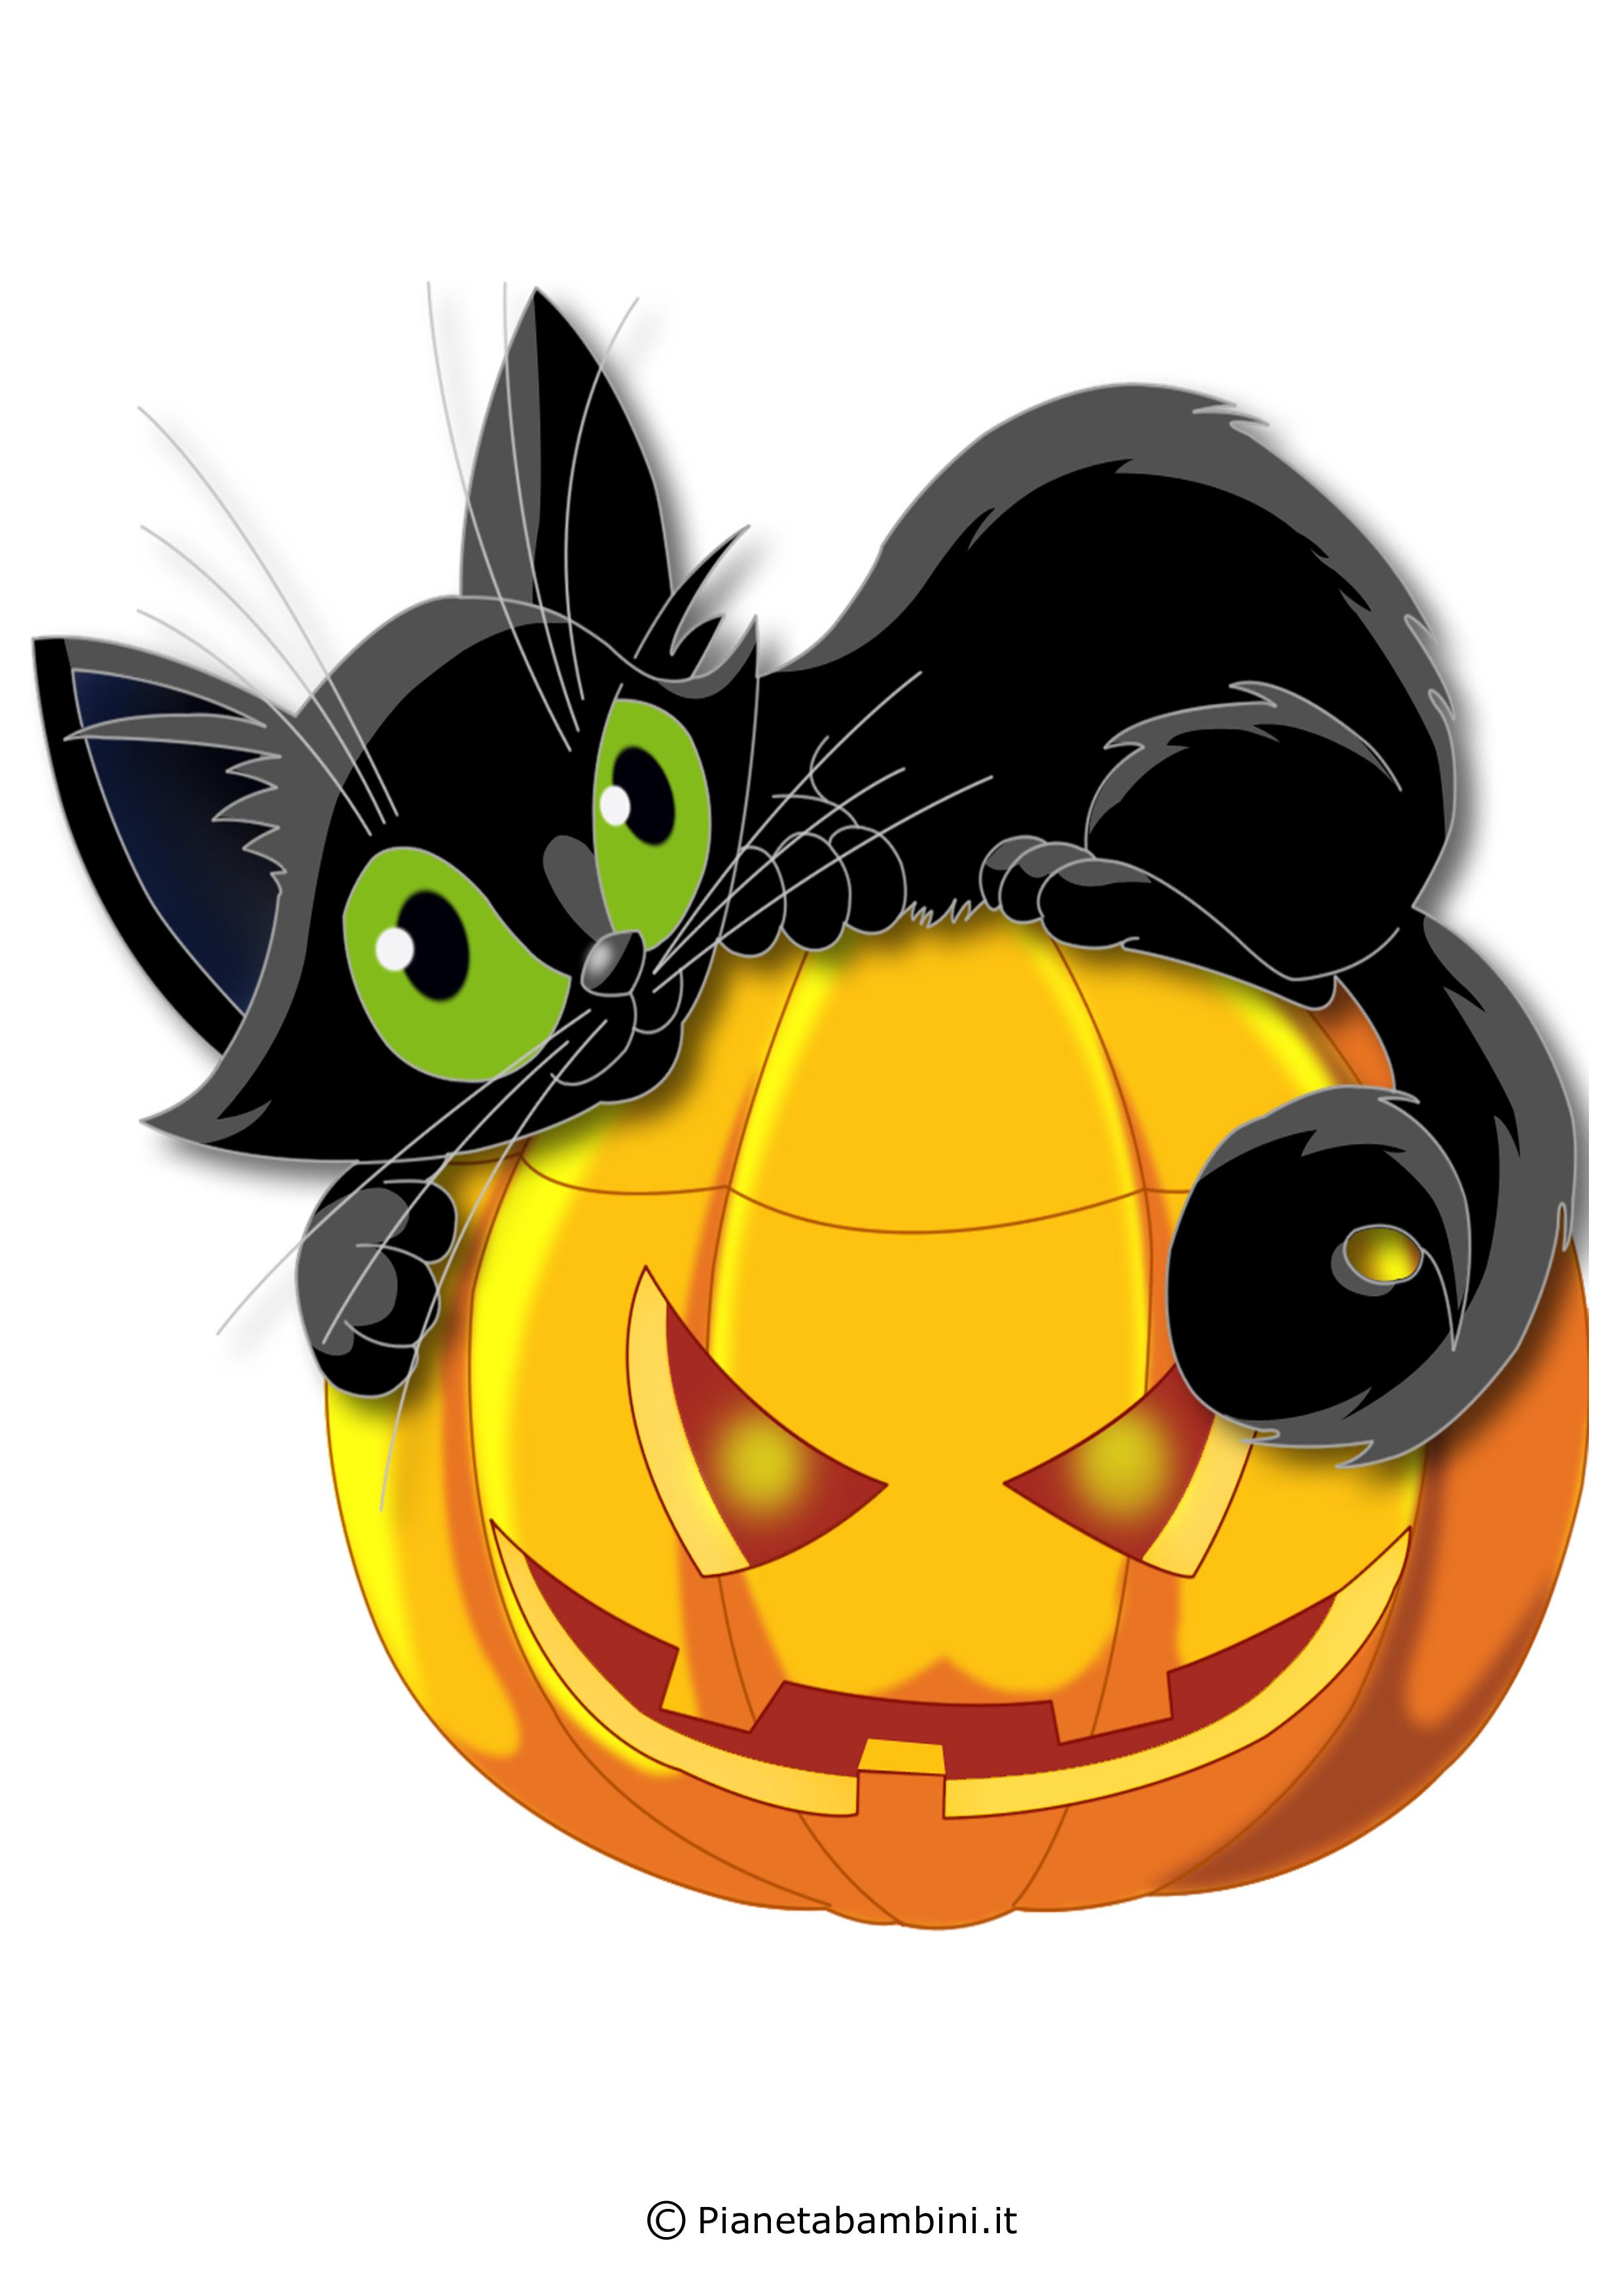 Immagini di zucche di halloween da stampare e ritagliare for Immagini di clown da colorare